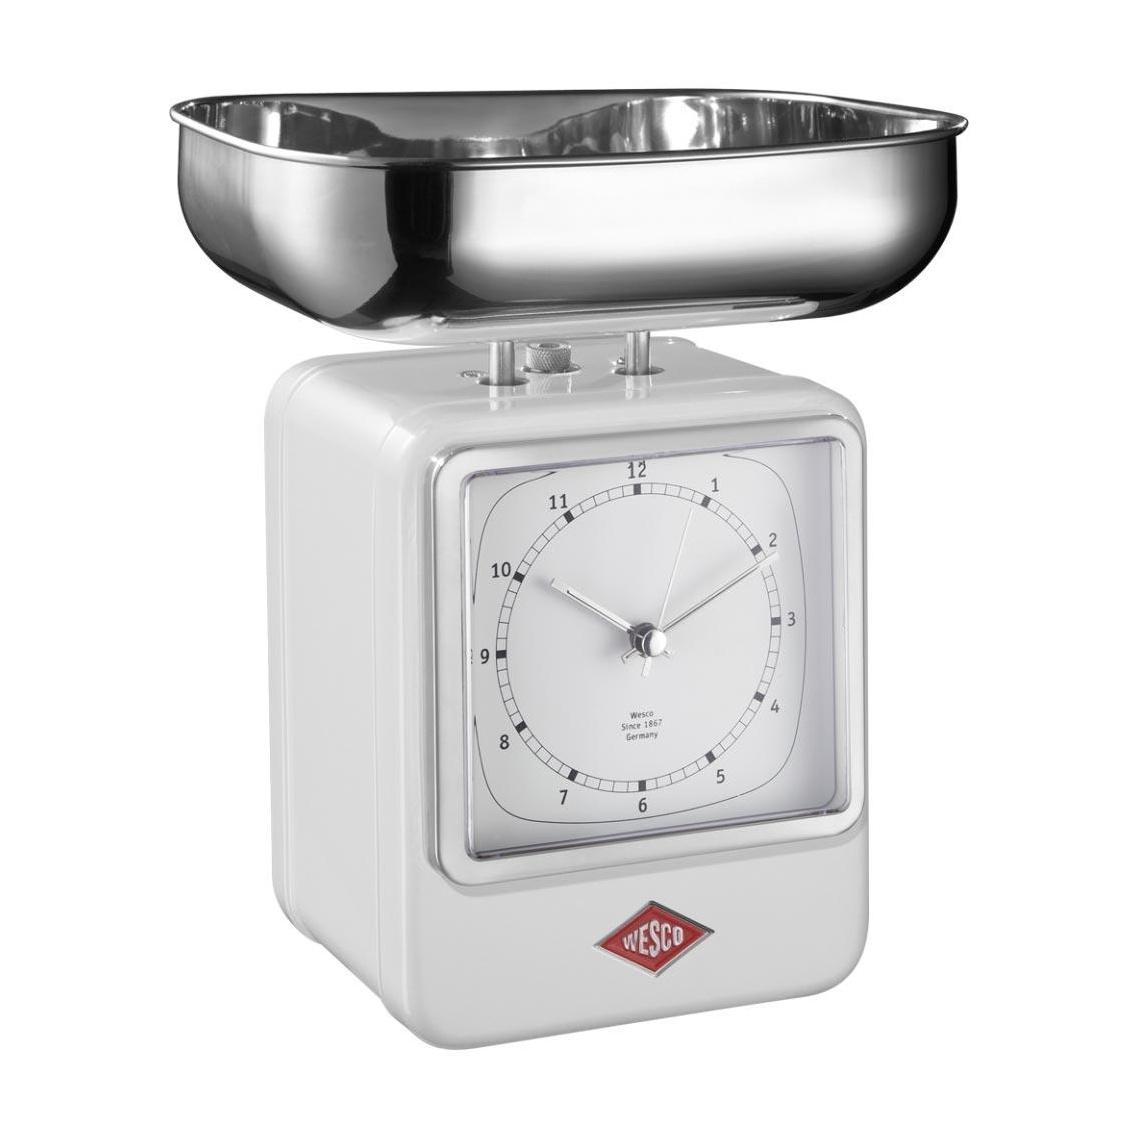 Wesco Retro Waage mit Uhr - weiß/15x27x13cm | Küche und Esszimmer > Küchengeräte > Küchenwaagen | Weiß | Stahl| gummi | Wesco